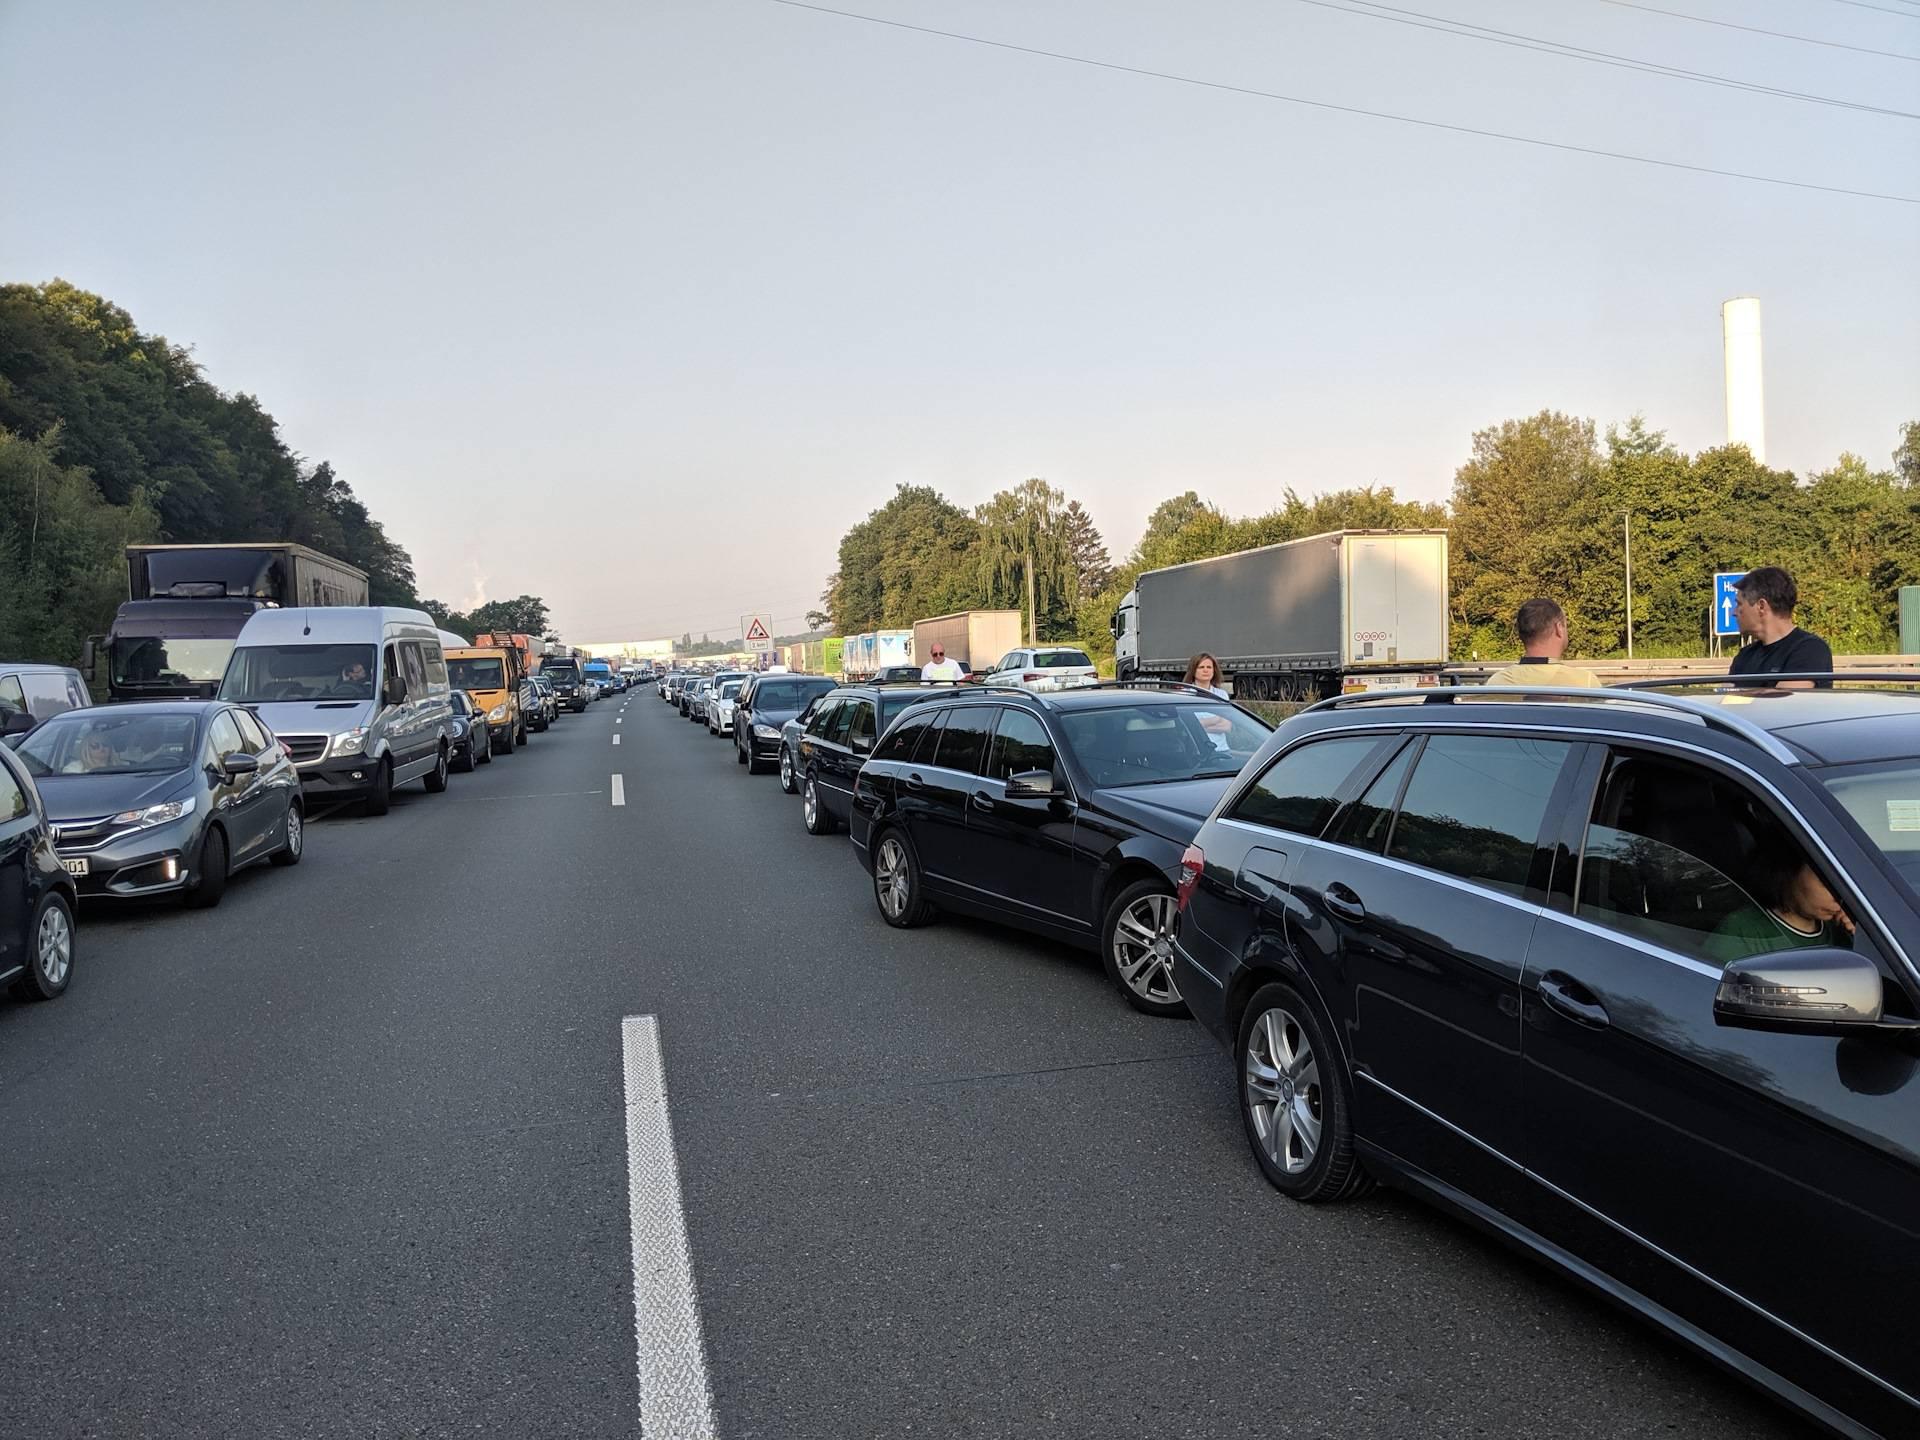 Поездка в Германию на автомобиле: маршрут, стоимость, документы